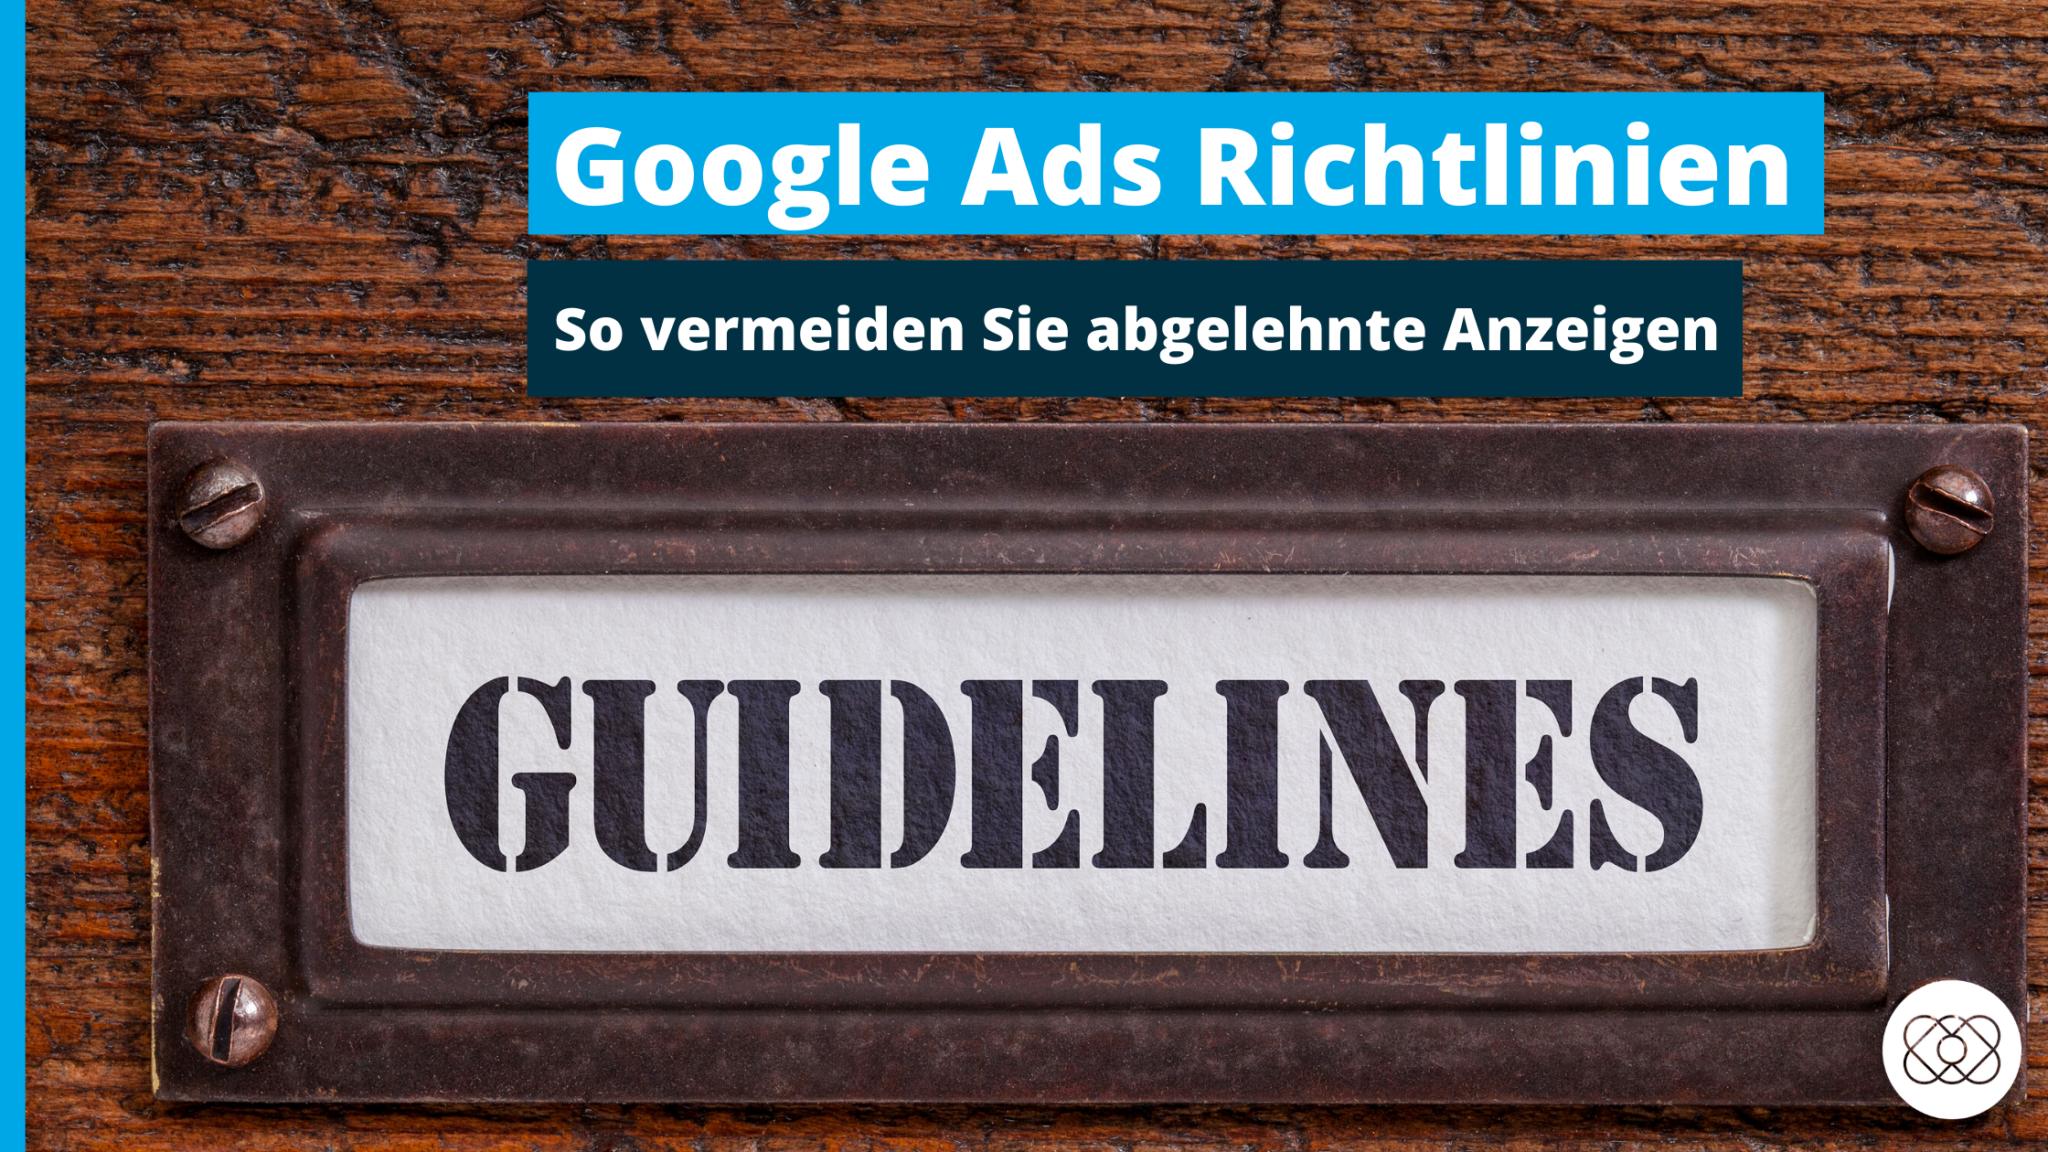 Google Ads Richtlinien